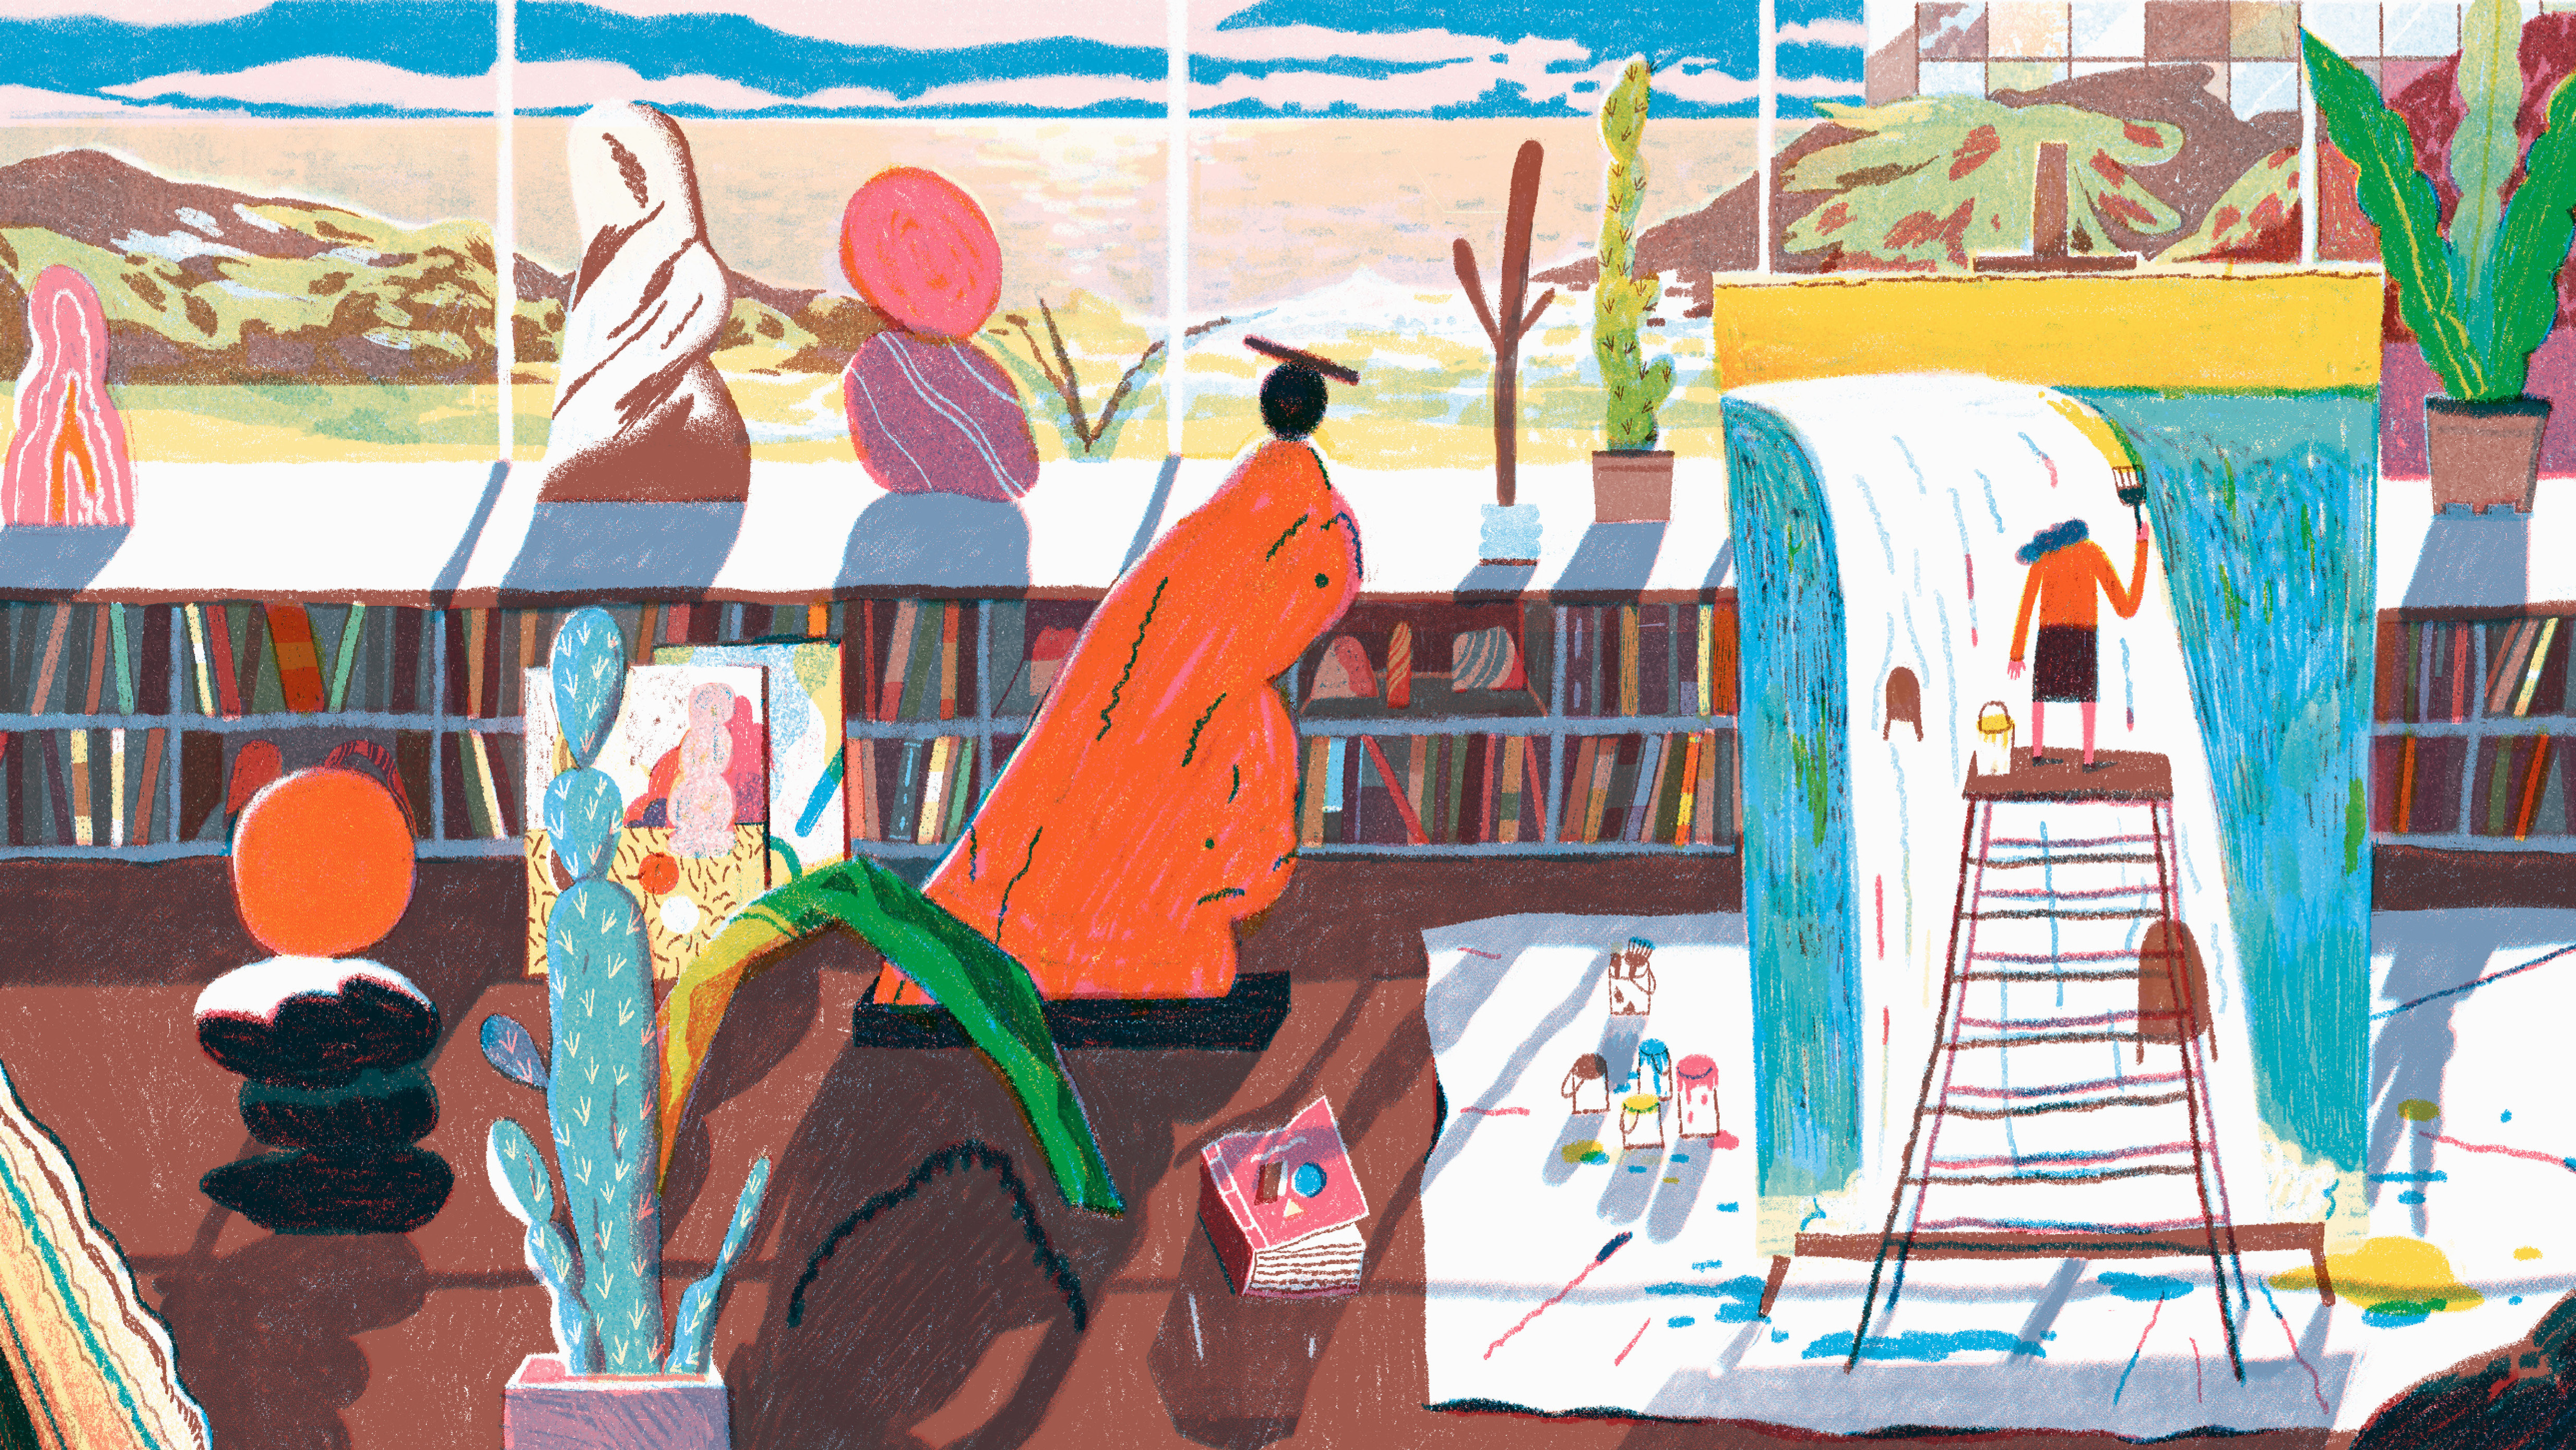 Illustration by Lisk Feng